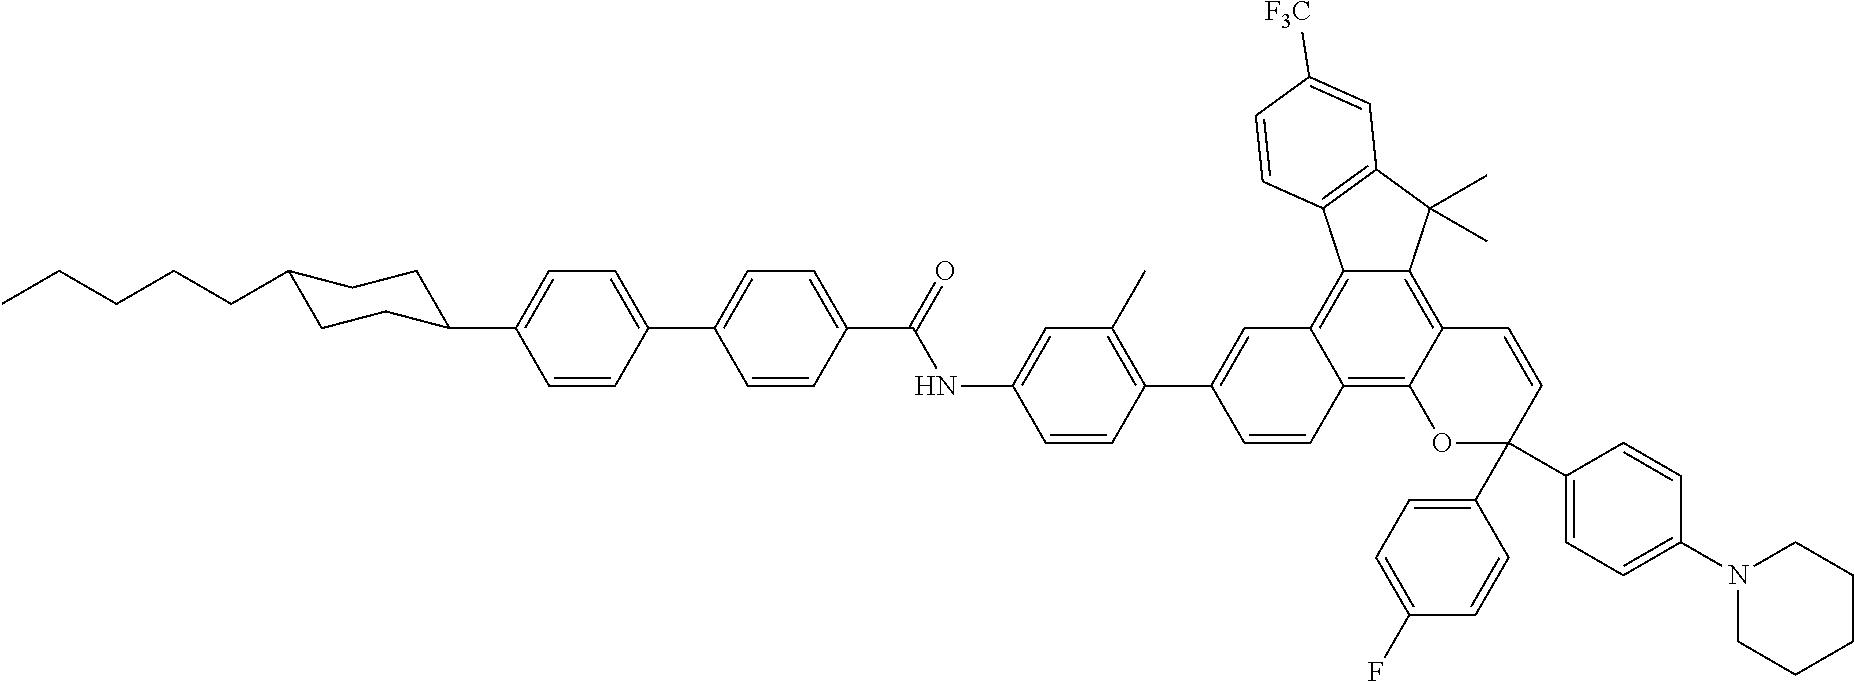 Figure US08518546-20130827-C00036